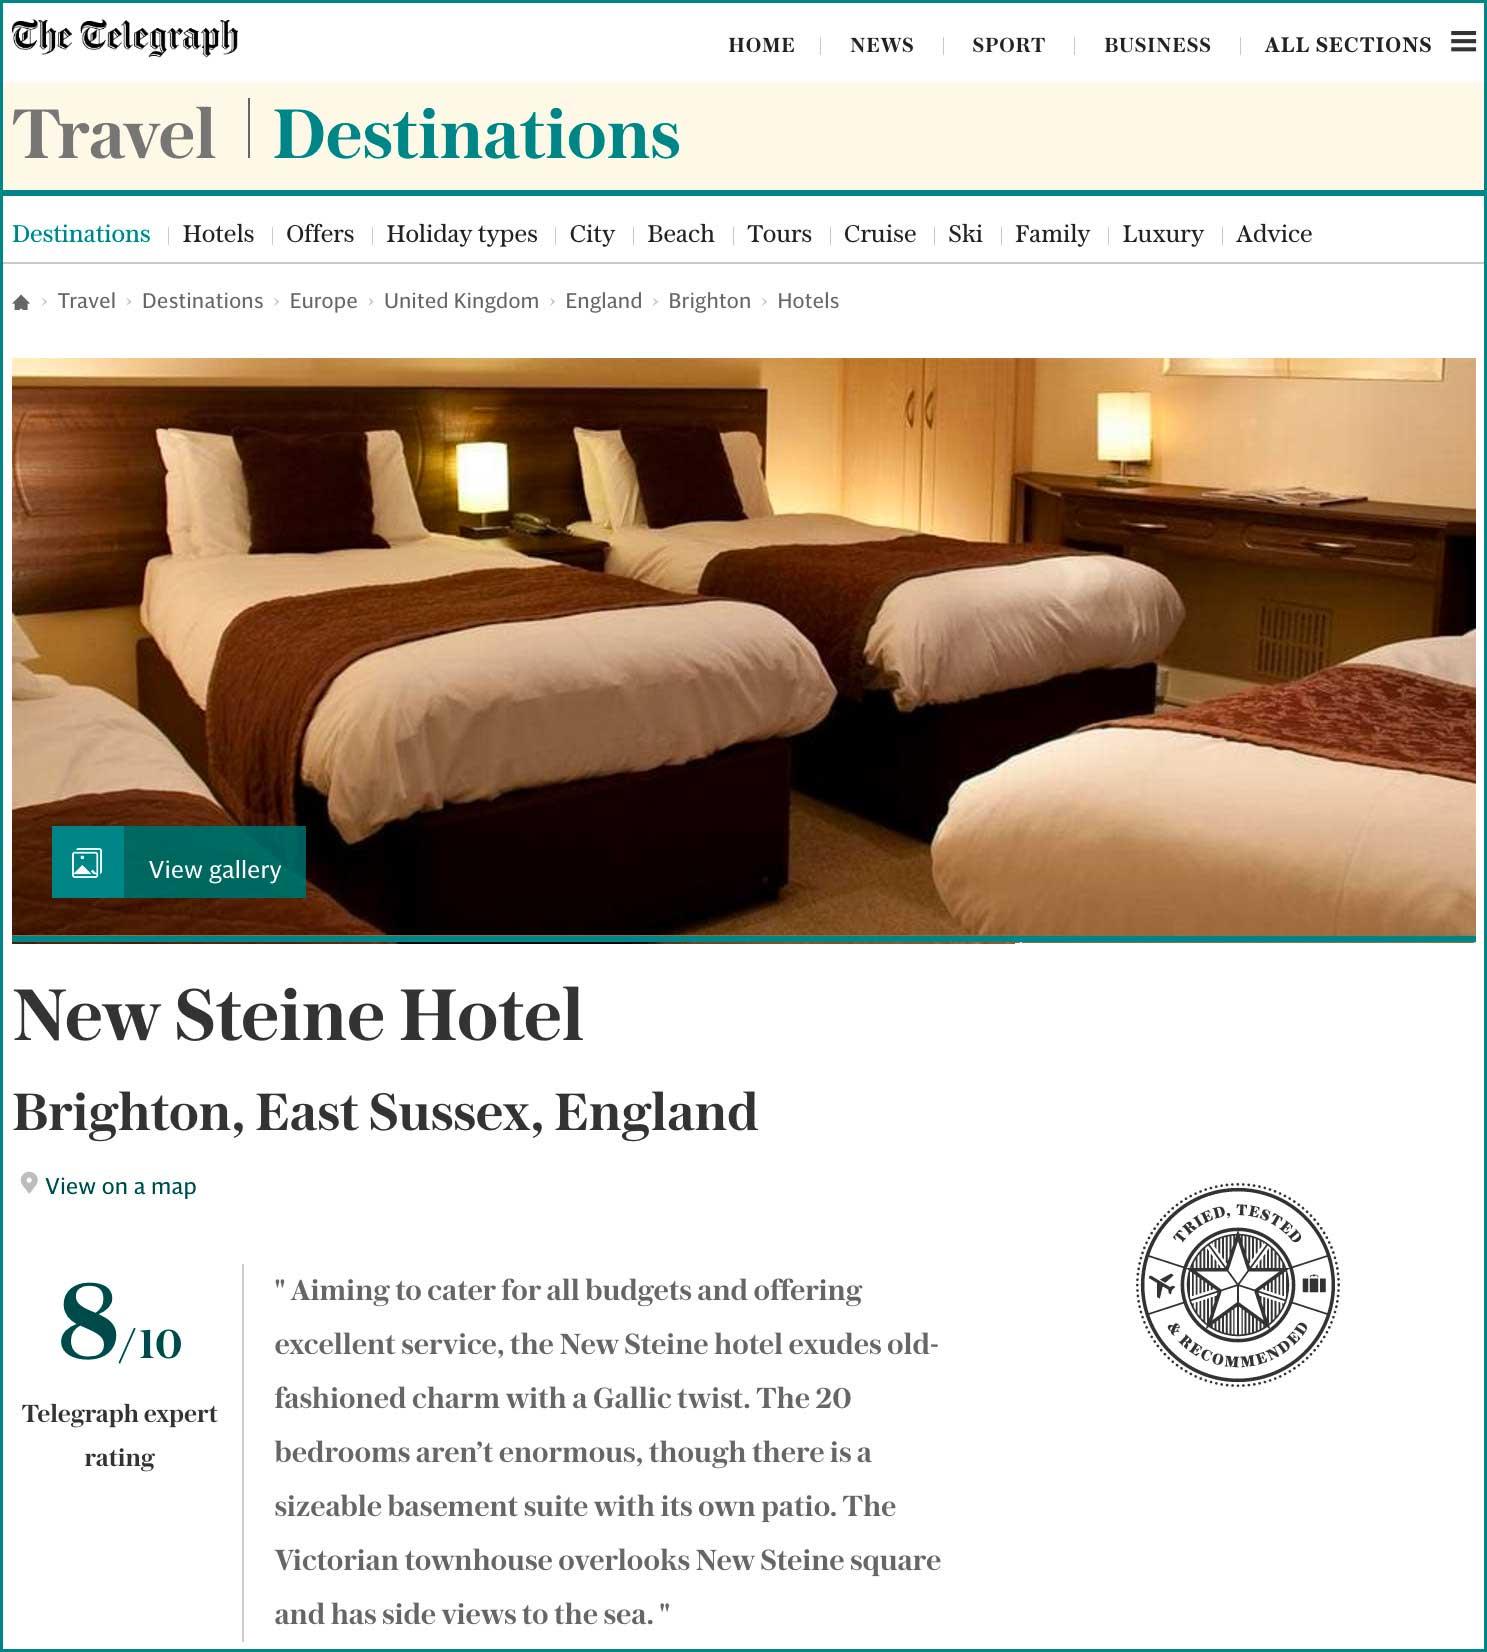 Telegraph Travel Destination – Brighton, New Steine Hotel, Spring 2017 – Read the review online here.